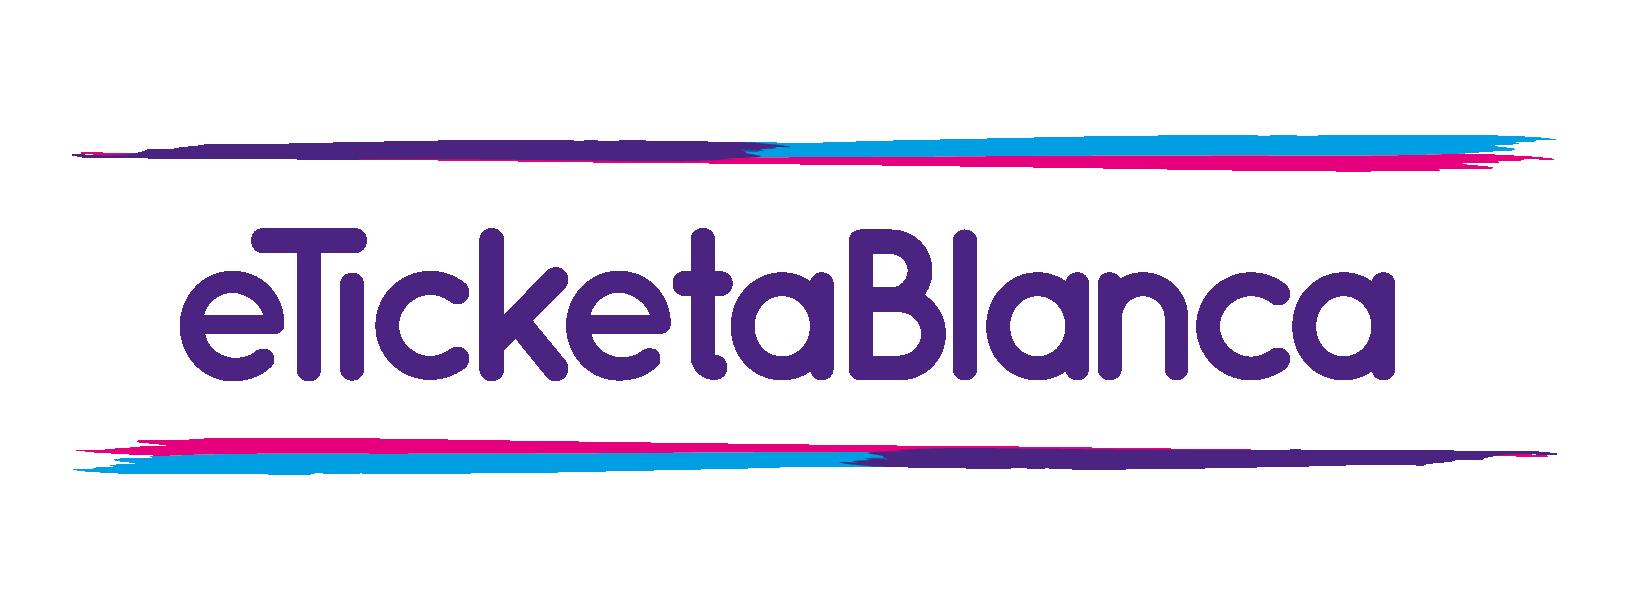 eTicketaBlanca logo